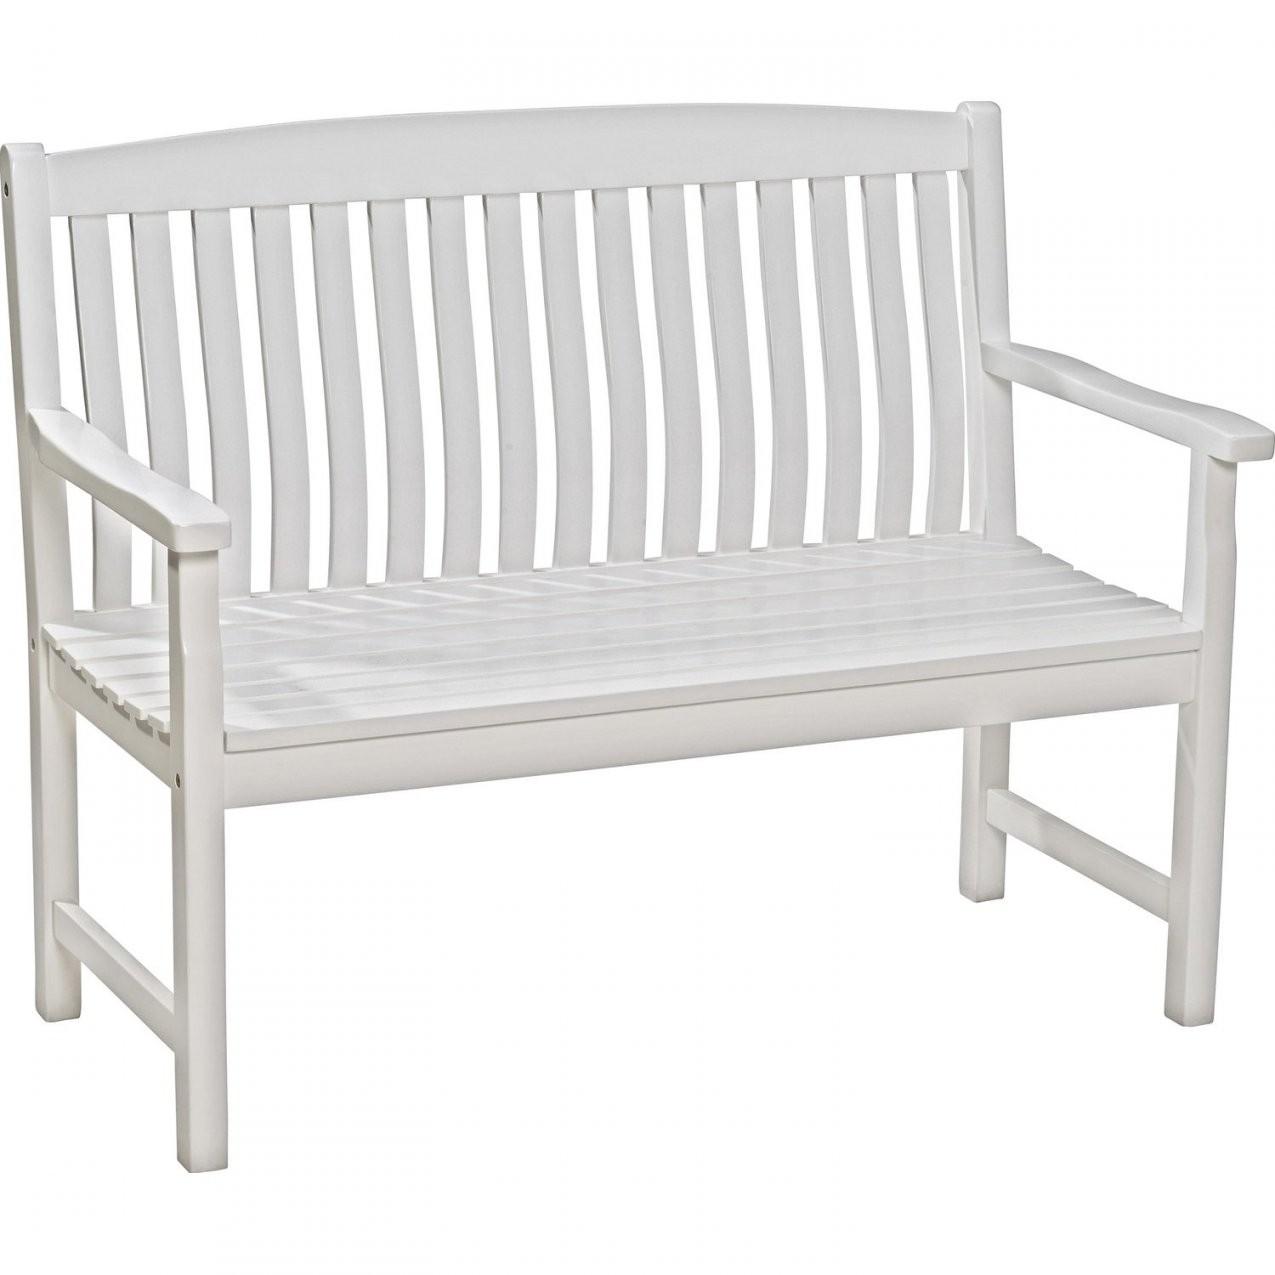 Obi Gartenbank Glendale 2Sitzer Kaufen Bei Obi von Gartenbank Weiß 2 Sitzer Bild